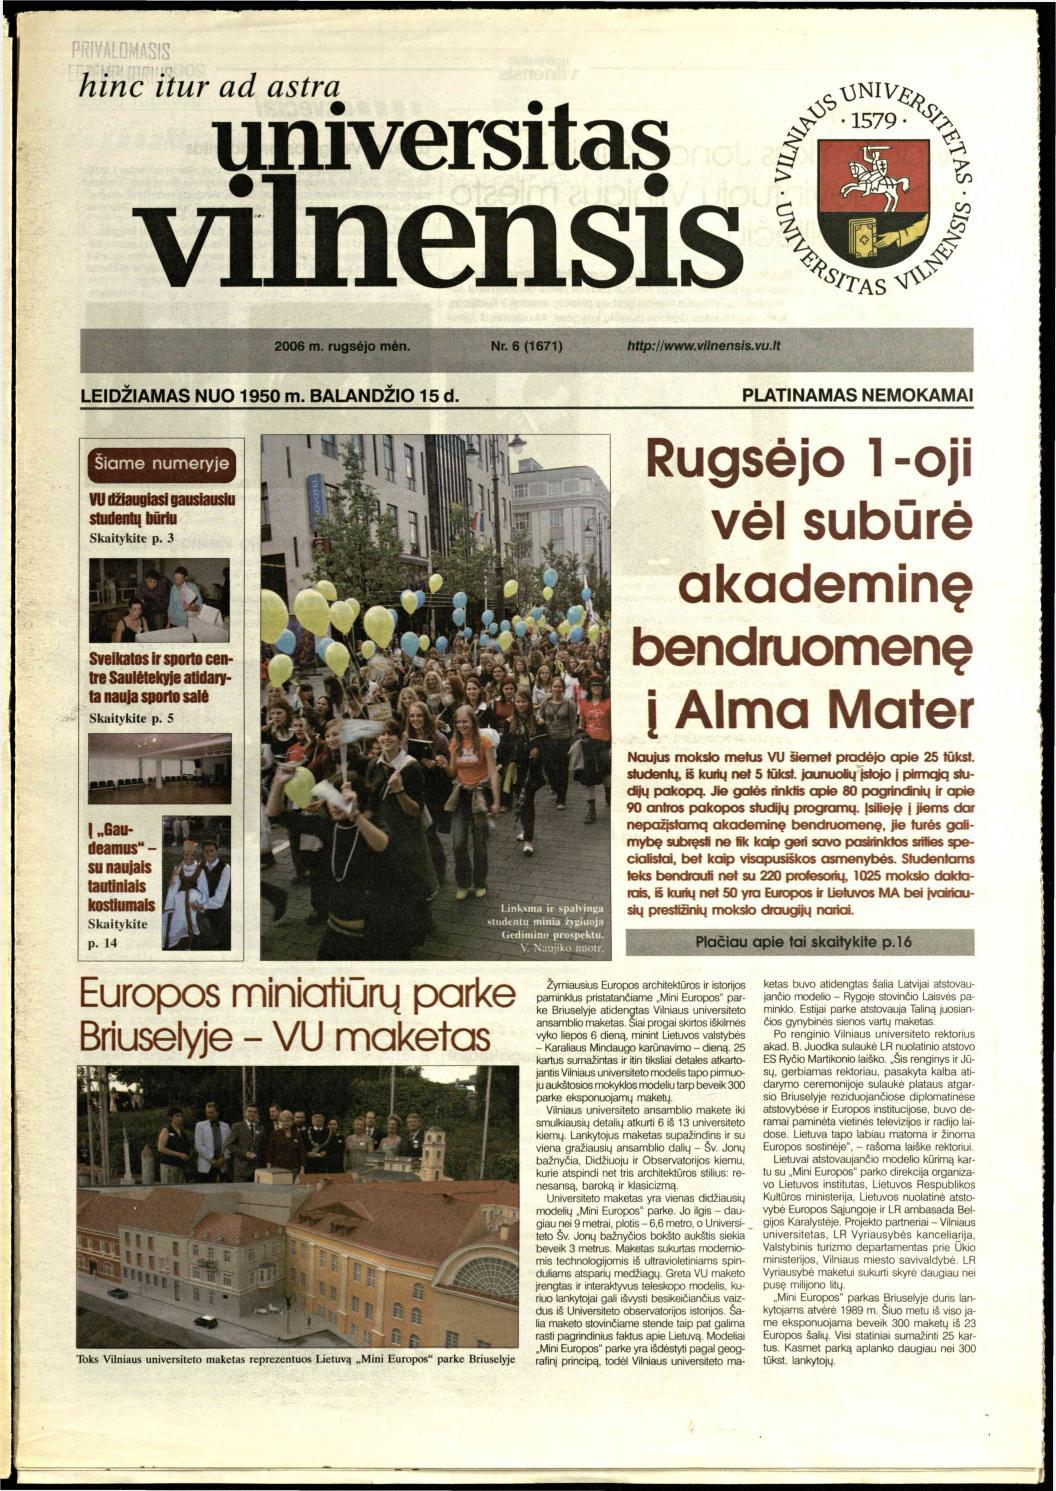 Universitas Vilnensis, 2006 m  rugsėjo mėn  Nr  6 (1671) by